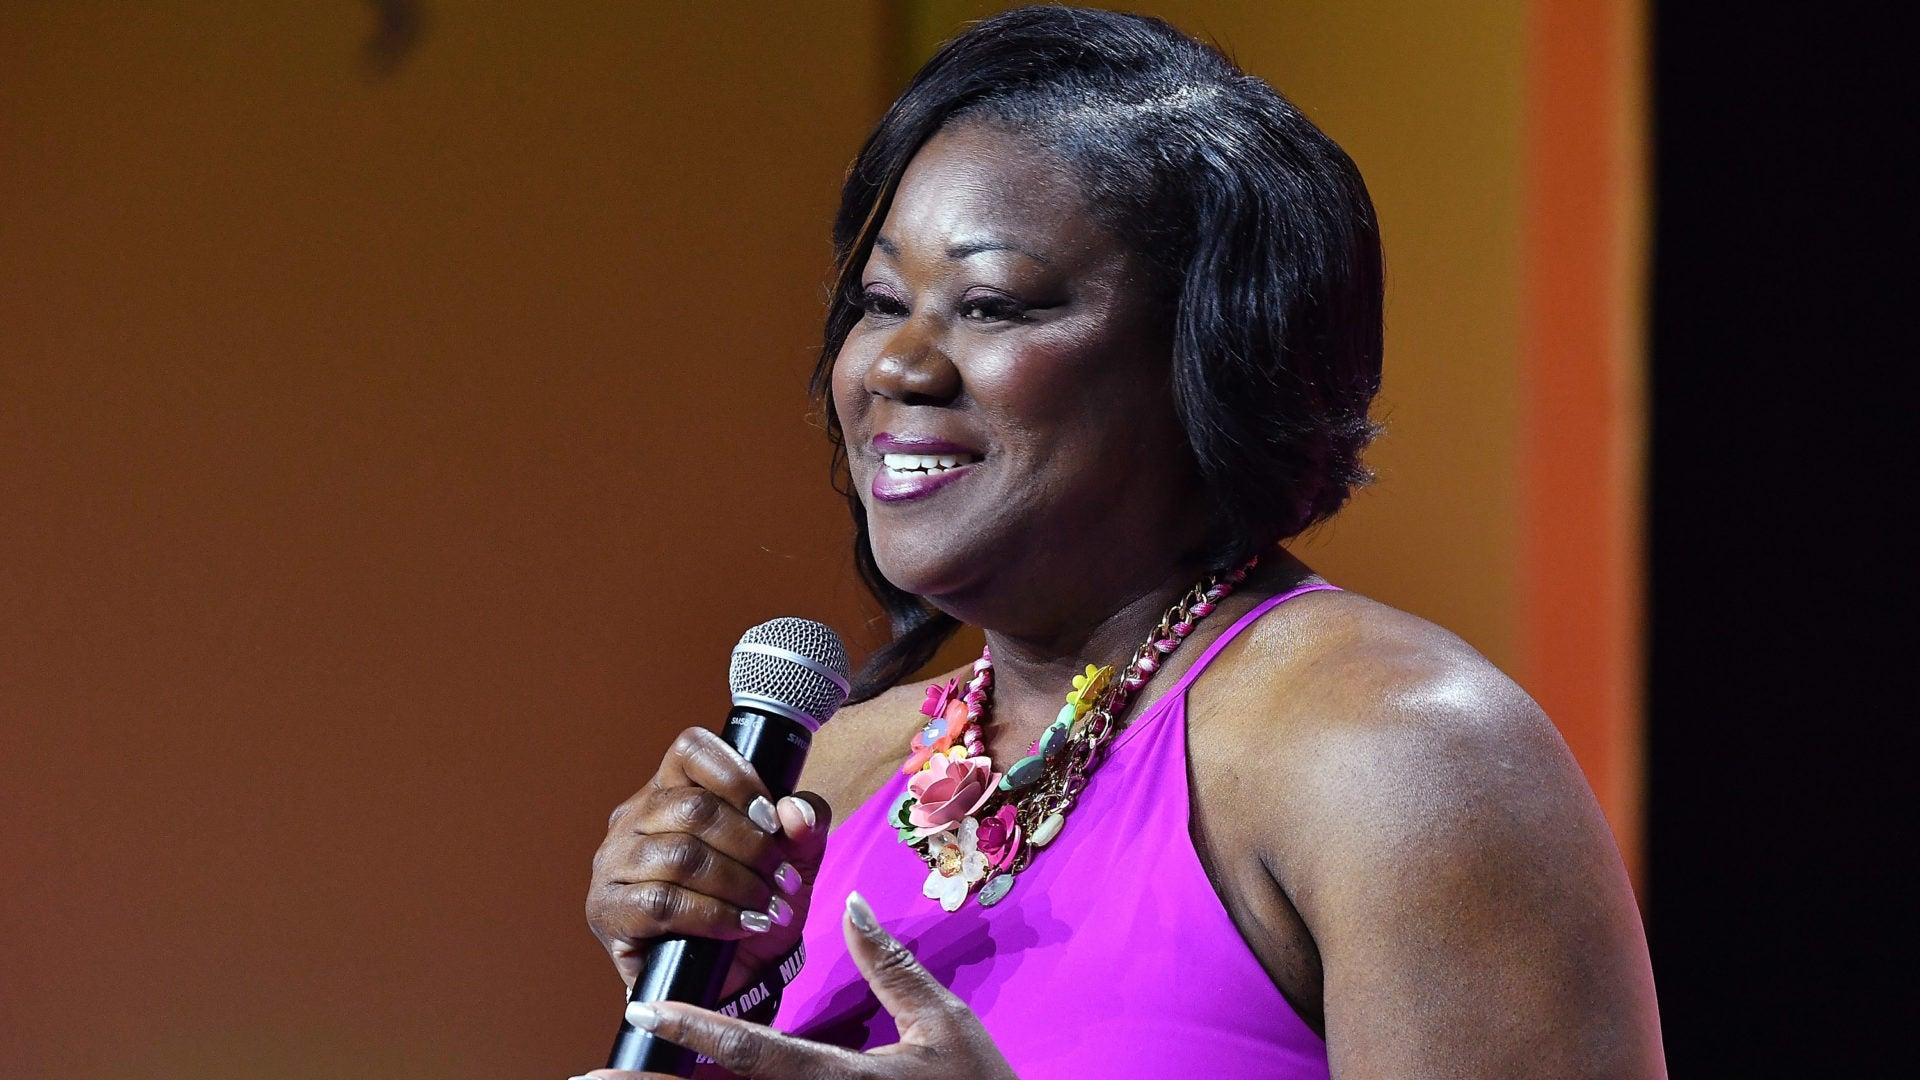 Sybrina Fulton Has Not Forgiven The Man Who Killed Her Son, Trayvon Martin